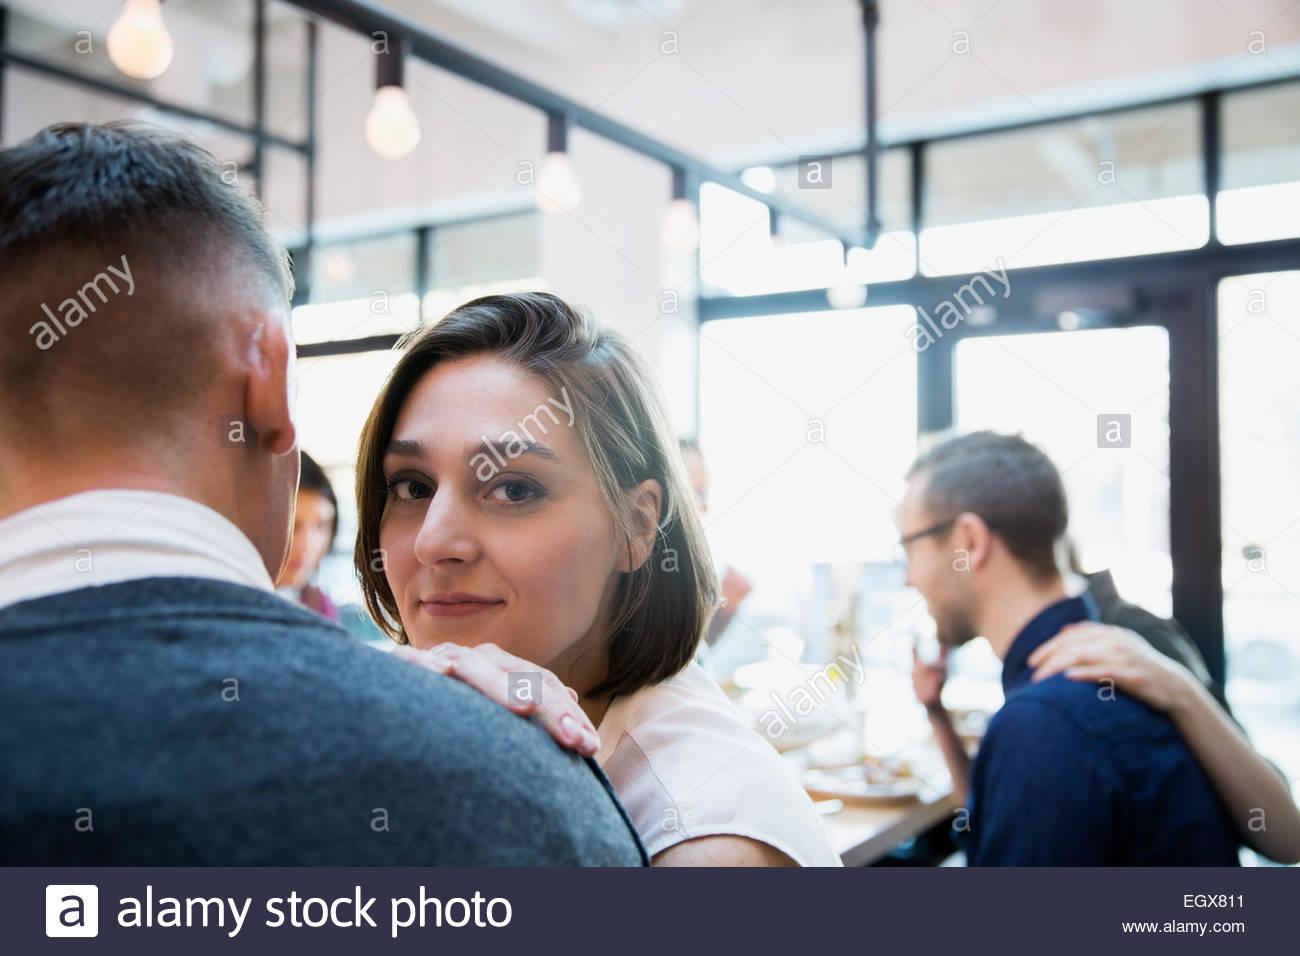 Porträt Frau mit Mann im restaurant Stockbild